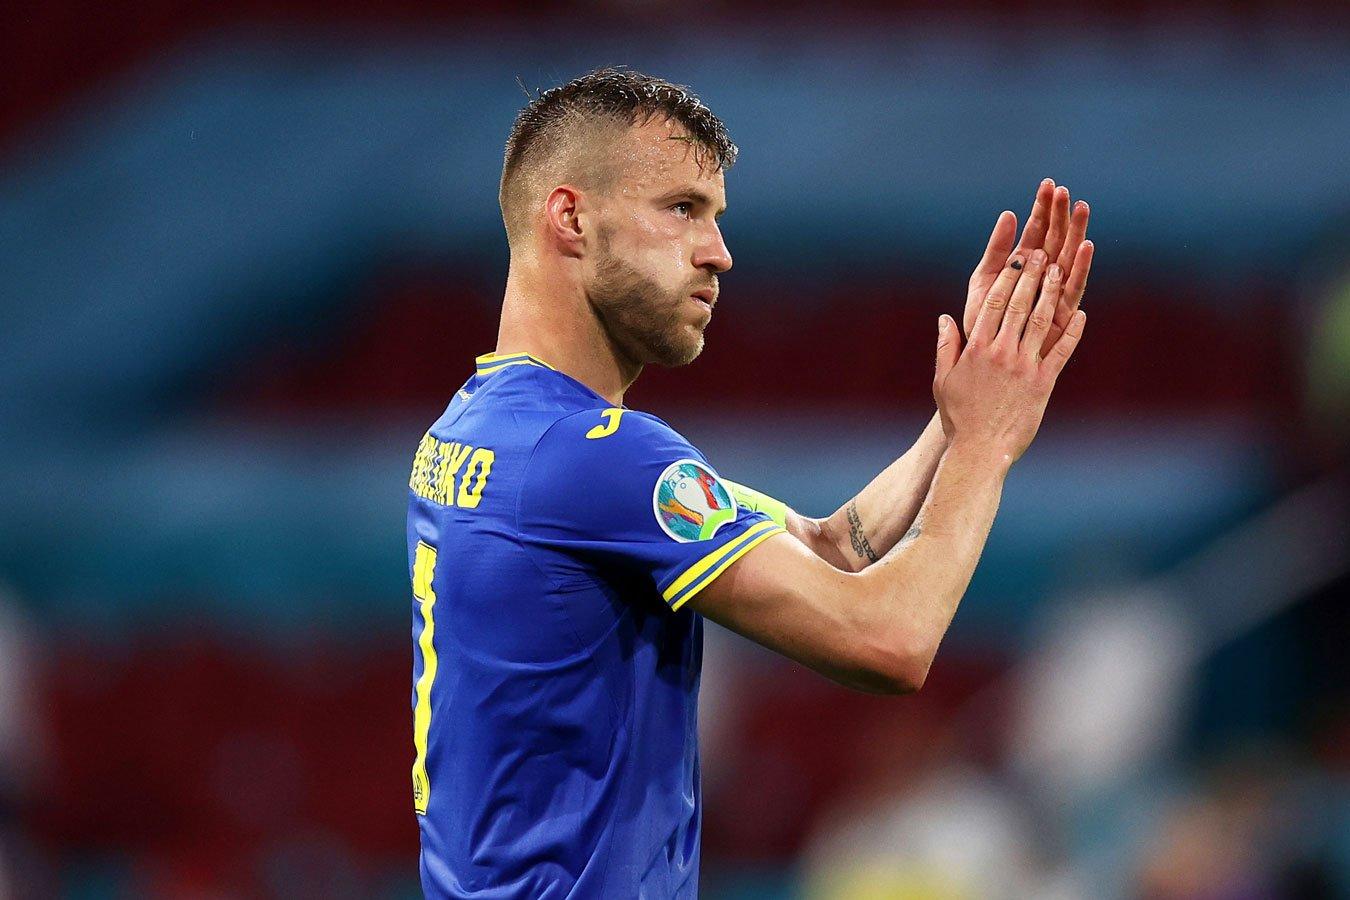 В Госдуме отреагировали на поддержку россиянами сборной Украины